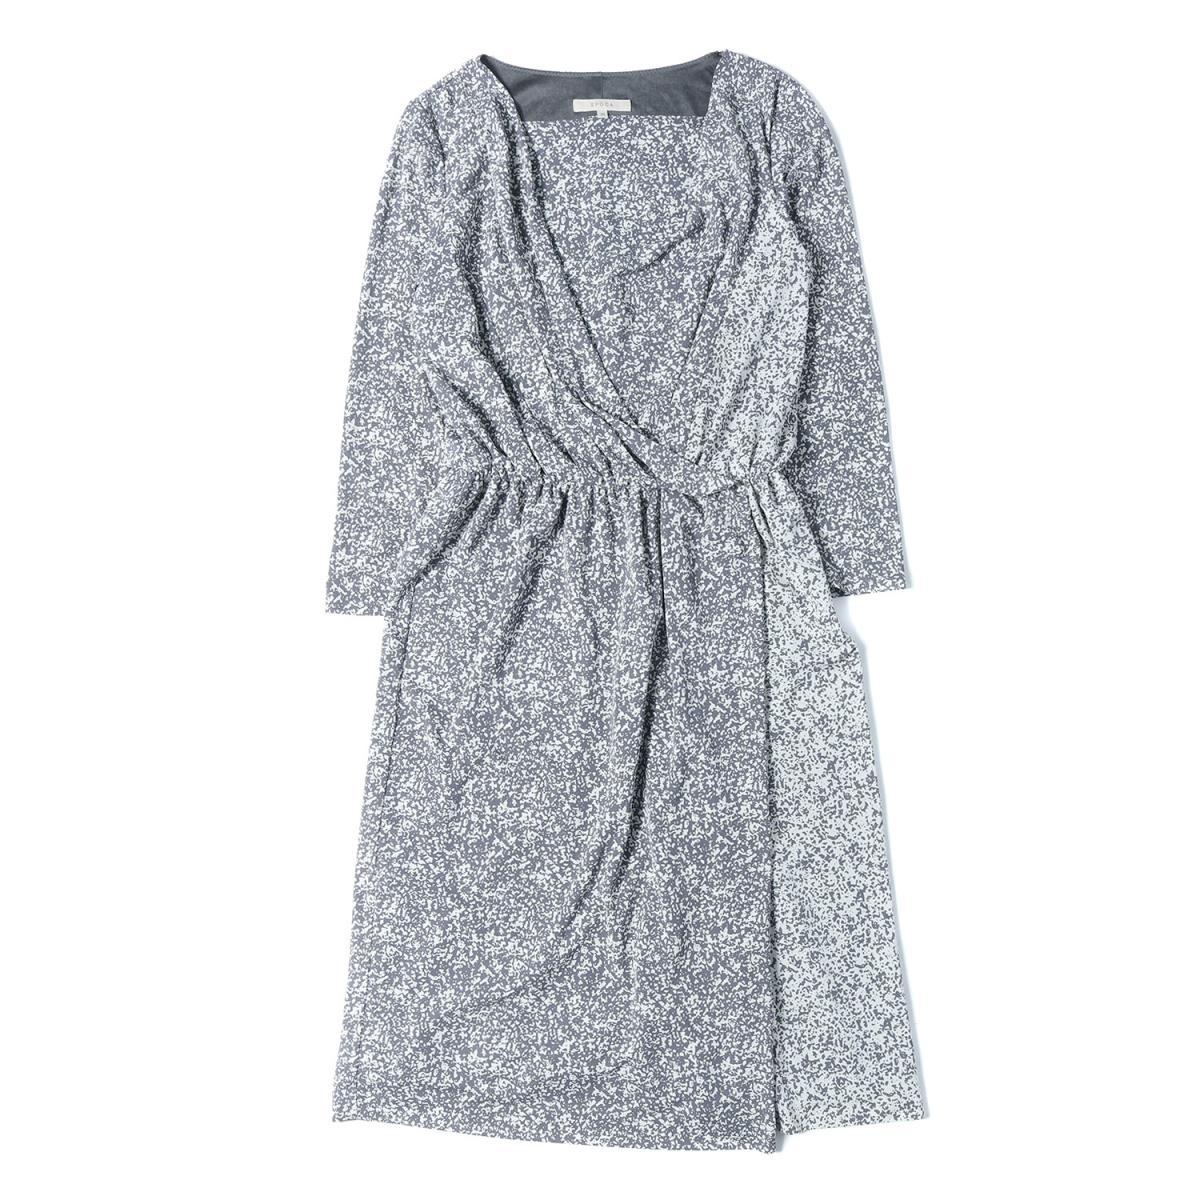 EPOCA エポカ アブストラクトプリント カシュクール ドレス ワンピース グレー 38(M) 【レディース】【中古】【美品】【K2552】